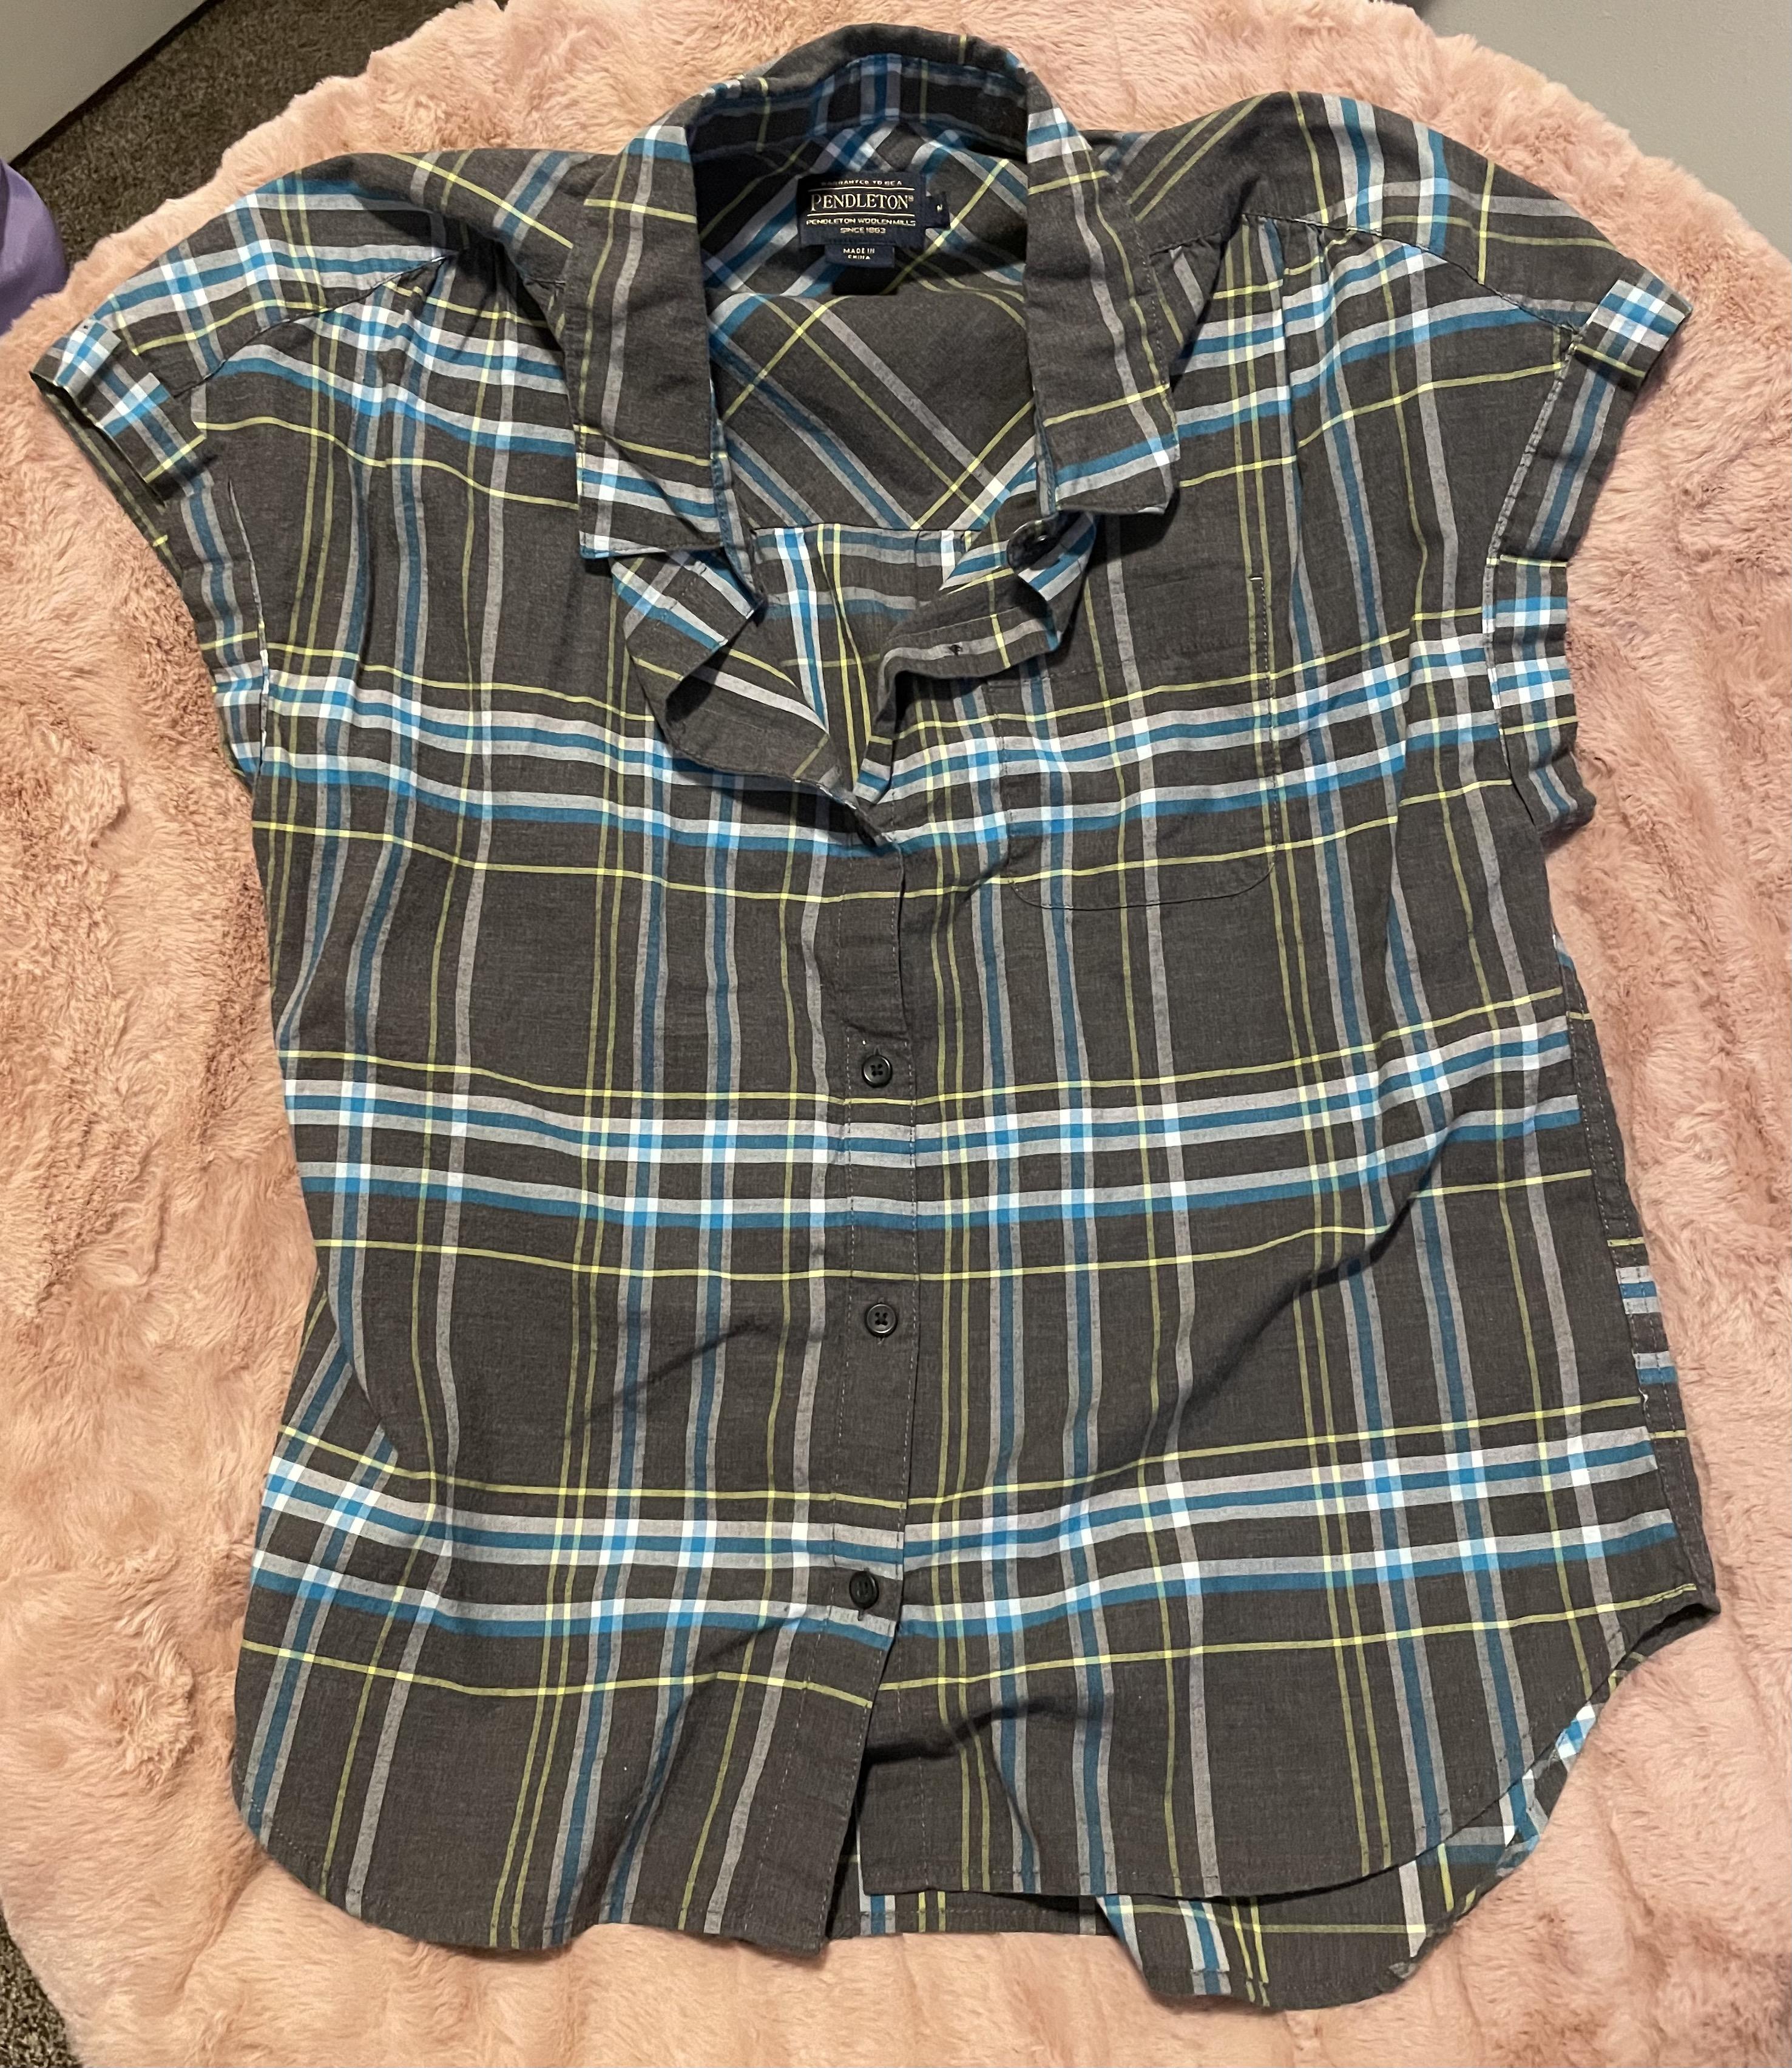 Pendleton Woolen Mills   Plaid Vest Shirt   Blue, Grey, Yellow Plaid   Fitted Women's Vest   Size Women's Medium